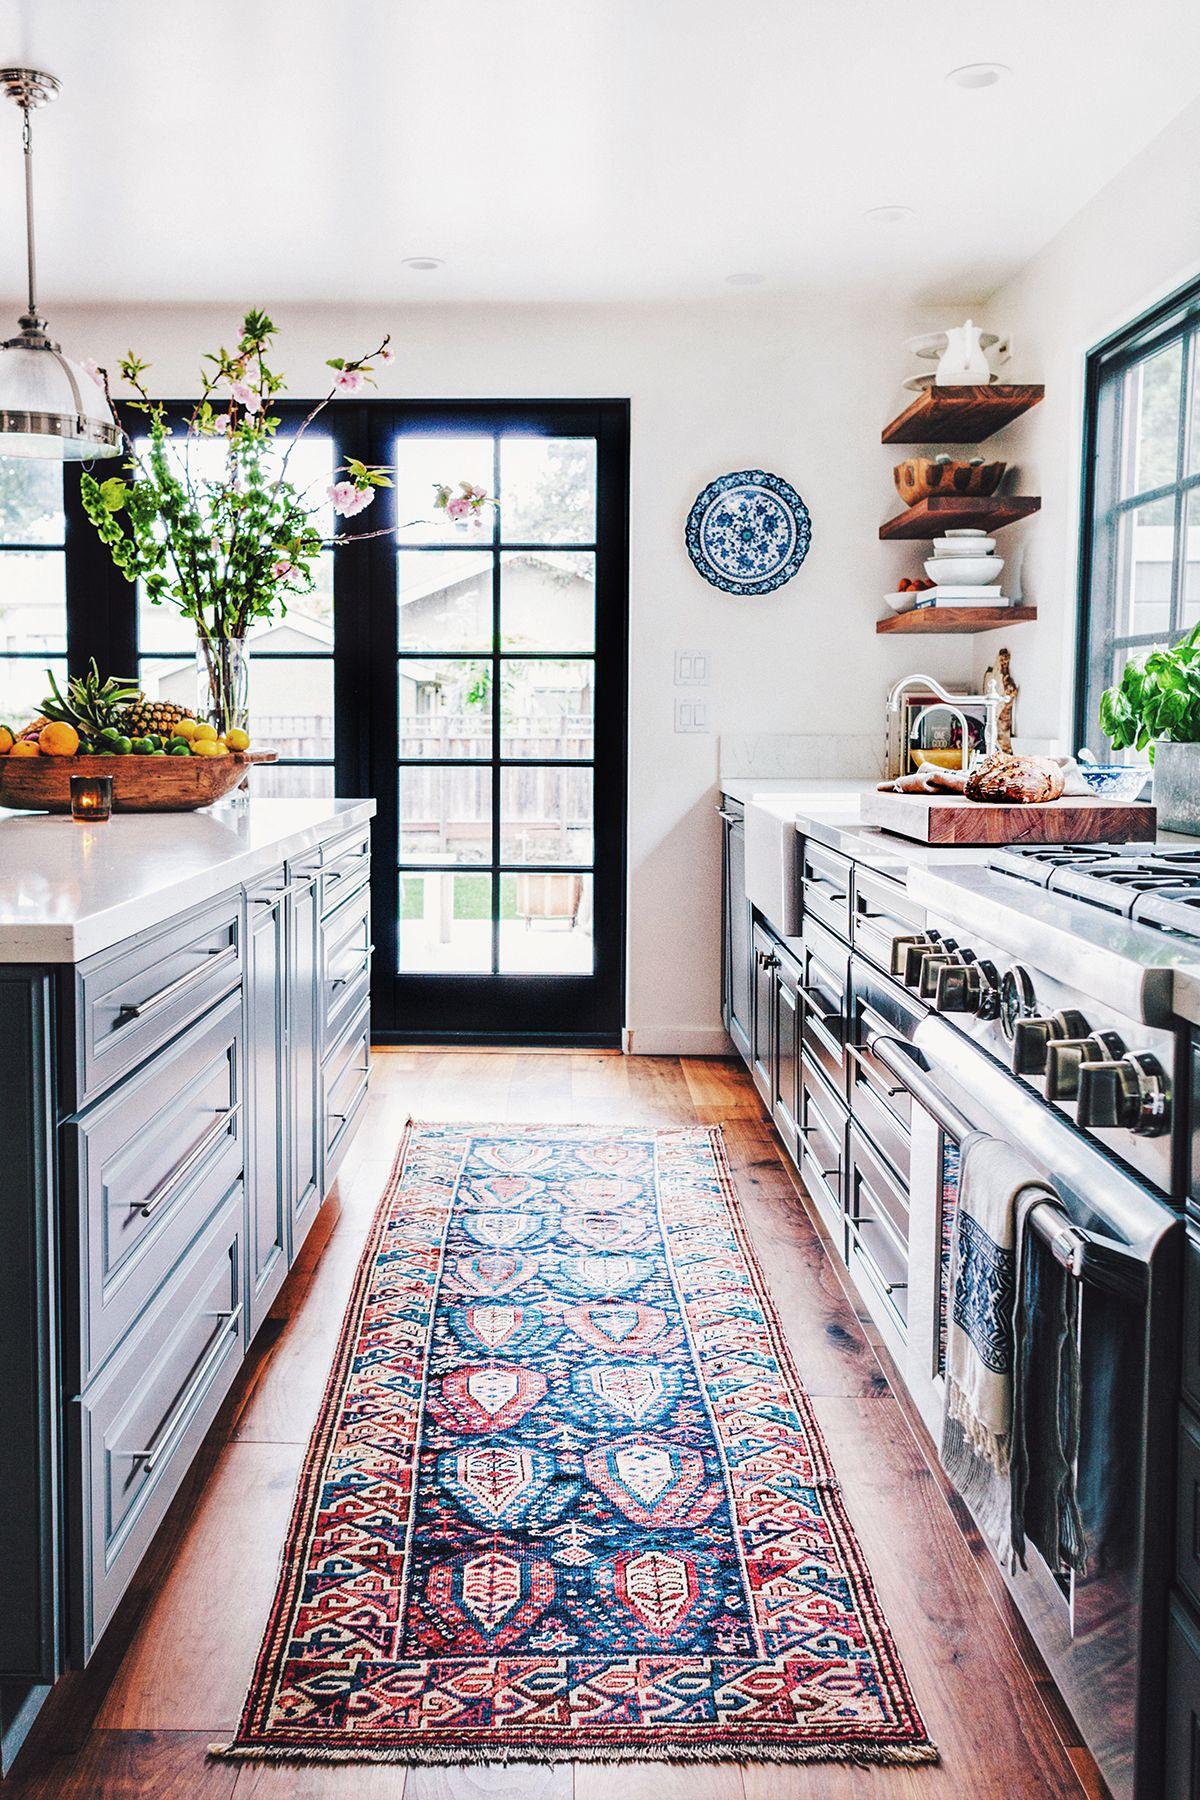 La rivincita dei tappeti persiani in cucina e in bagno